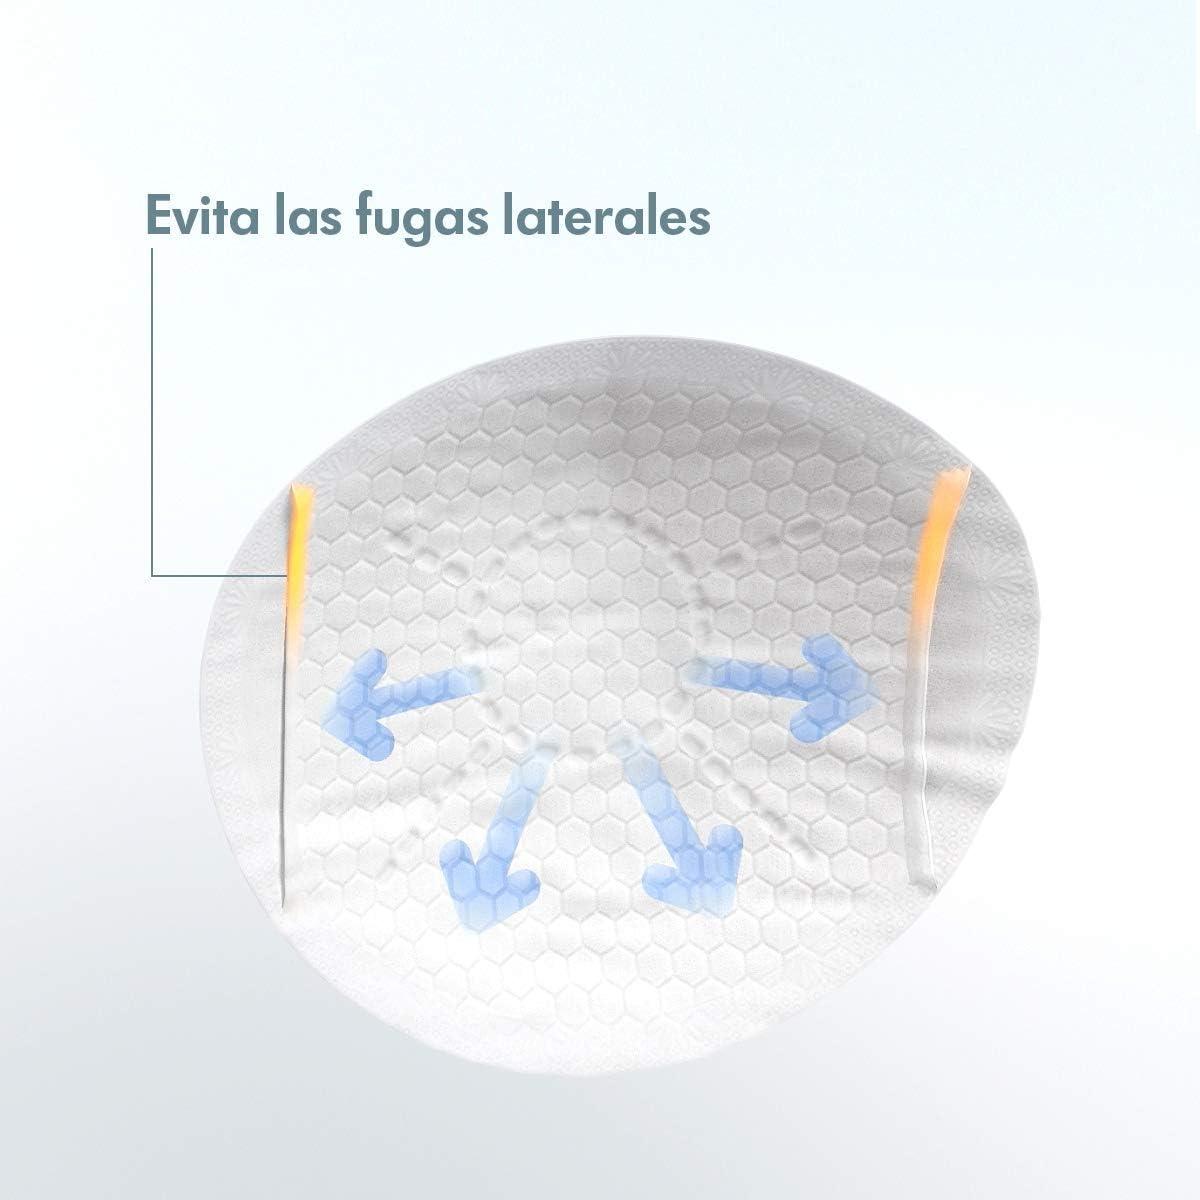 30 uds Discos absorbentes desechables Medela Discos absorbentes desechables Safe /& DryTM Ultra thin 30 unidades